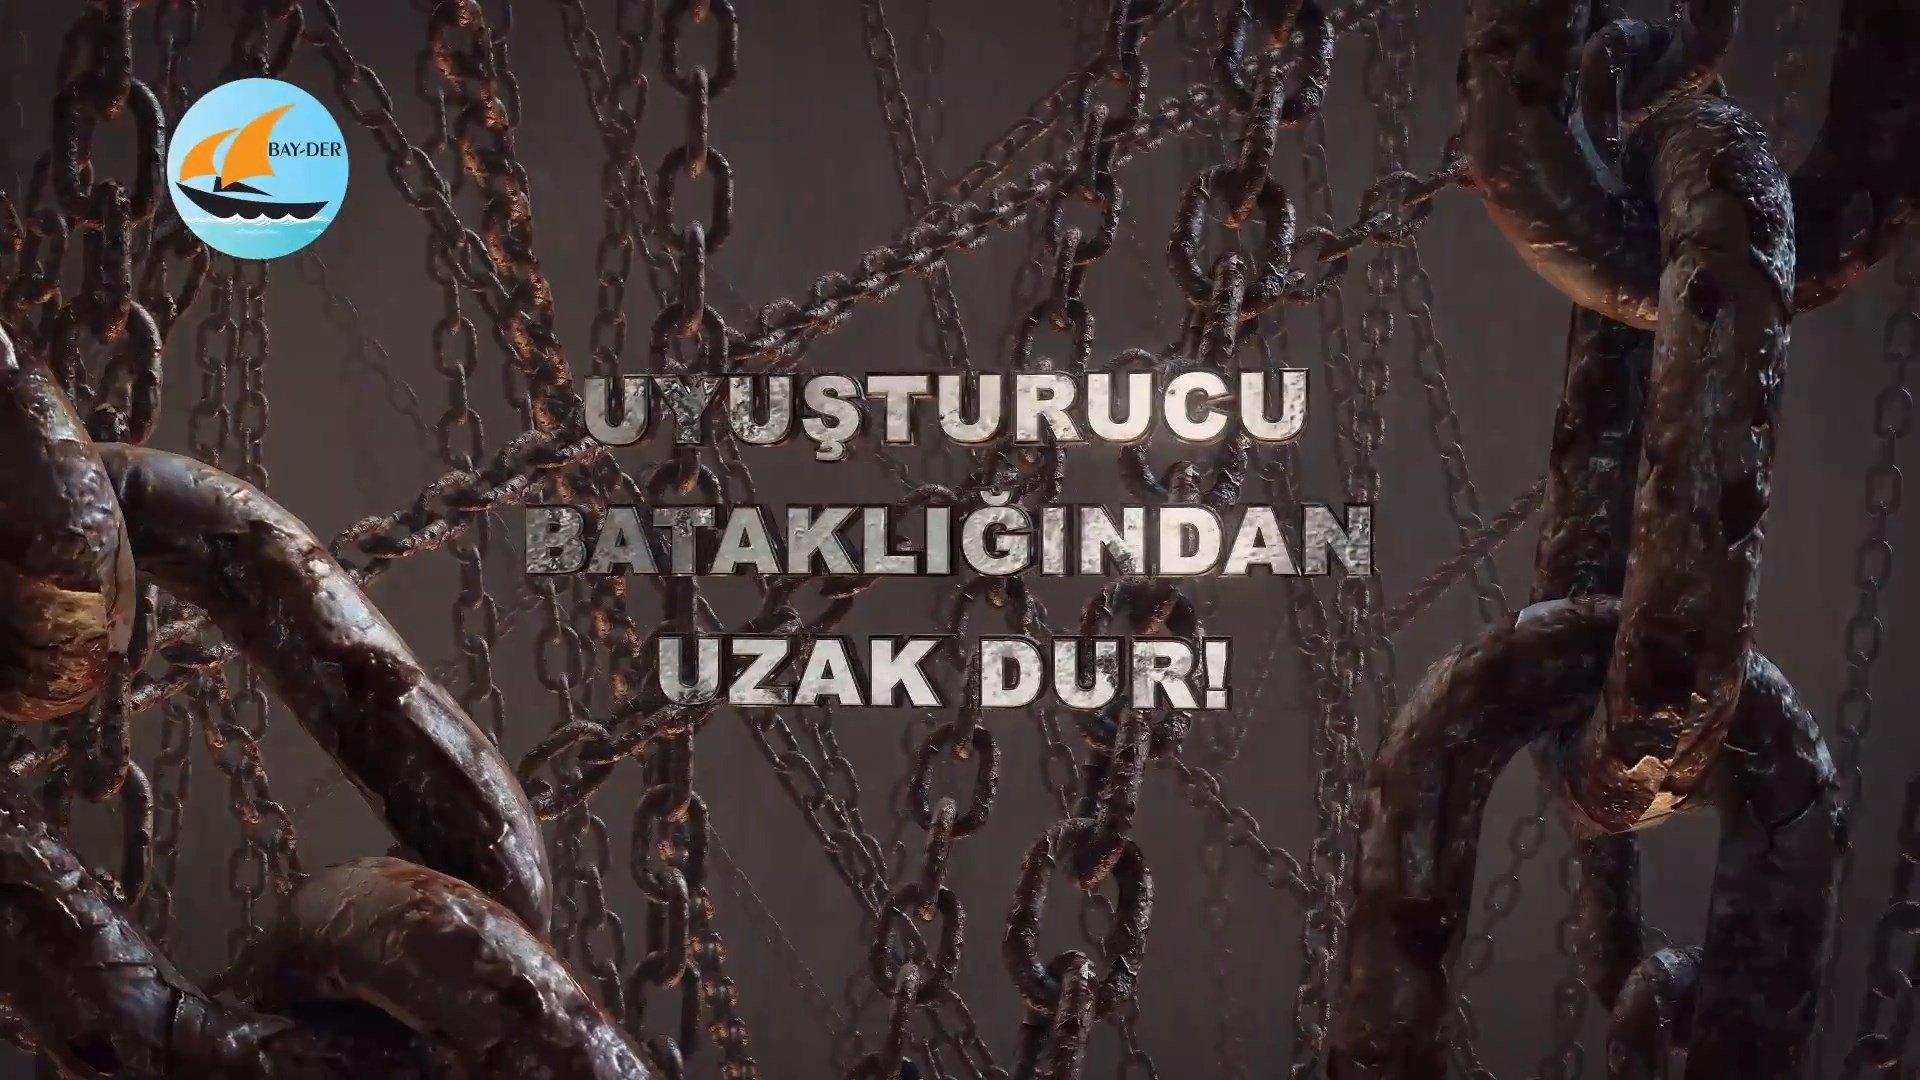 Uyuşturucu Bataklığından Uzak Dur 6 1920x1080 - Uyuşturucu Bataklığından Uzak Dur Reklam Filmi